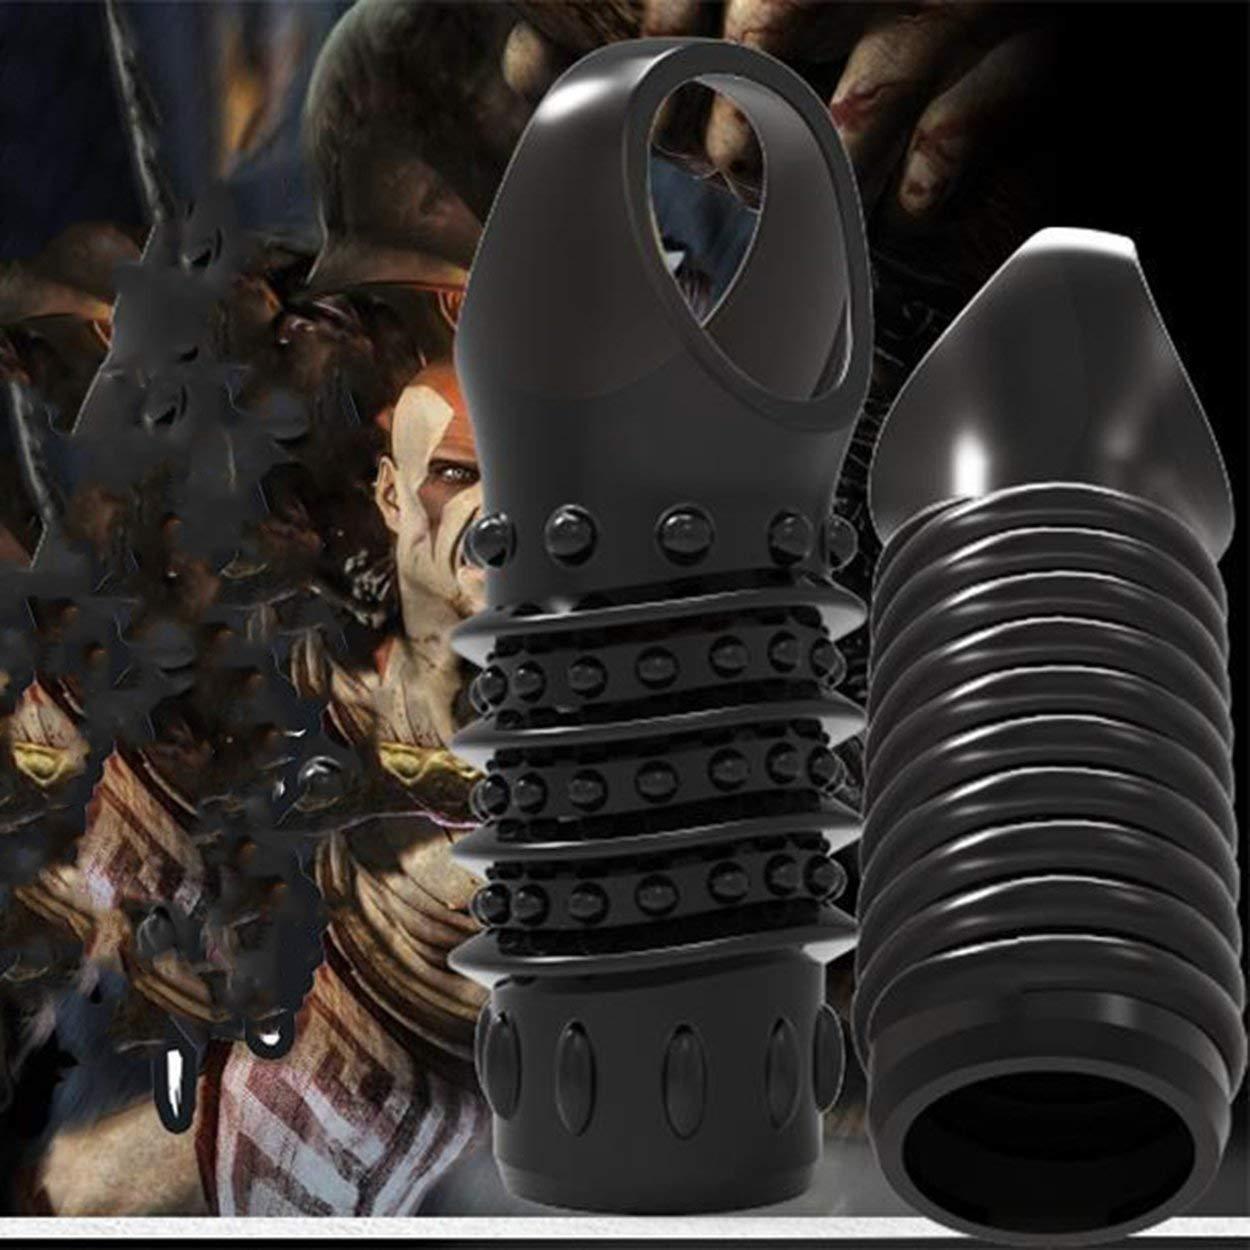 2pcs vibrazione della copertura del pene manica manica manica del pene anello ritardare la stimolazione extender prodotti del sesso giocattoli adulti del sesso per gli uomini 99bece